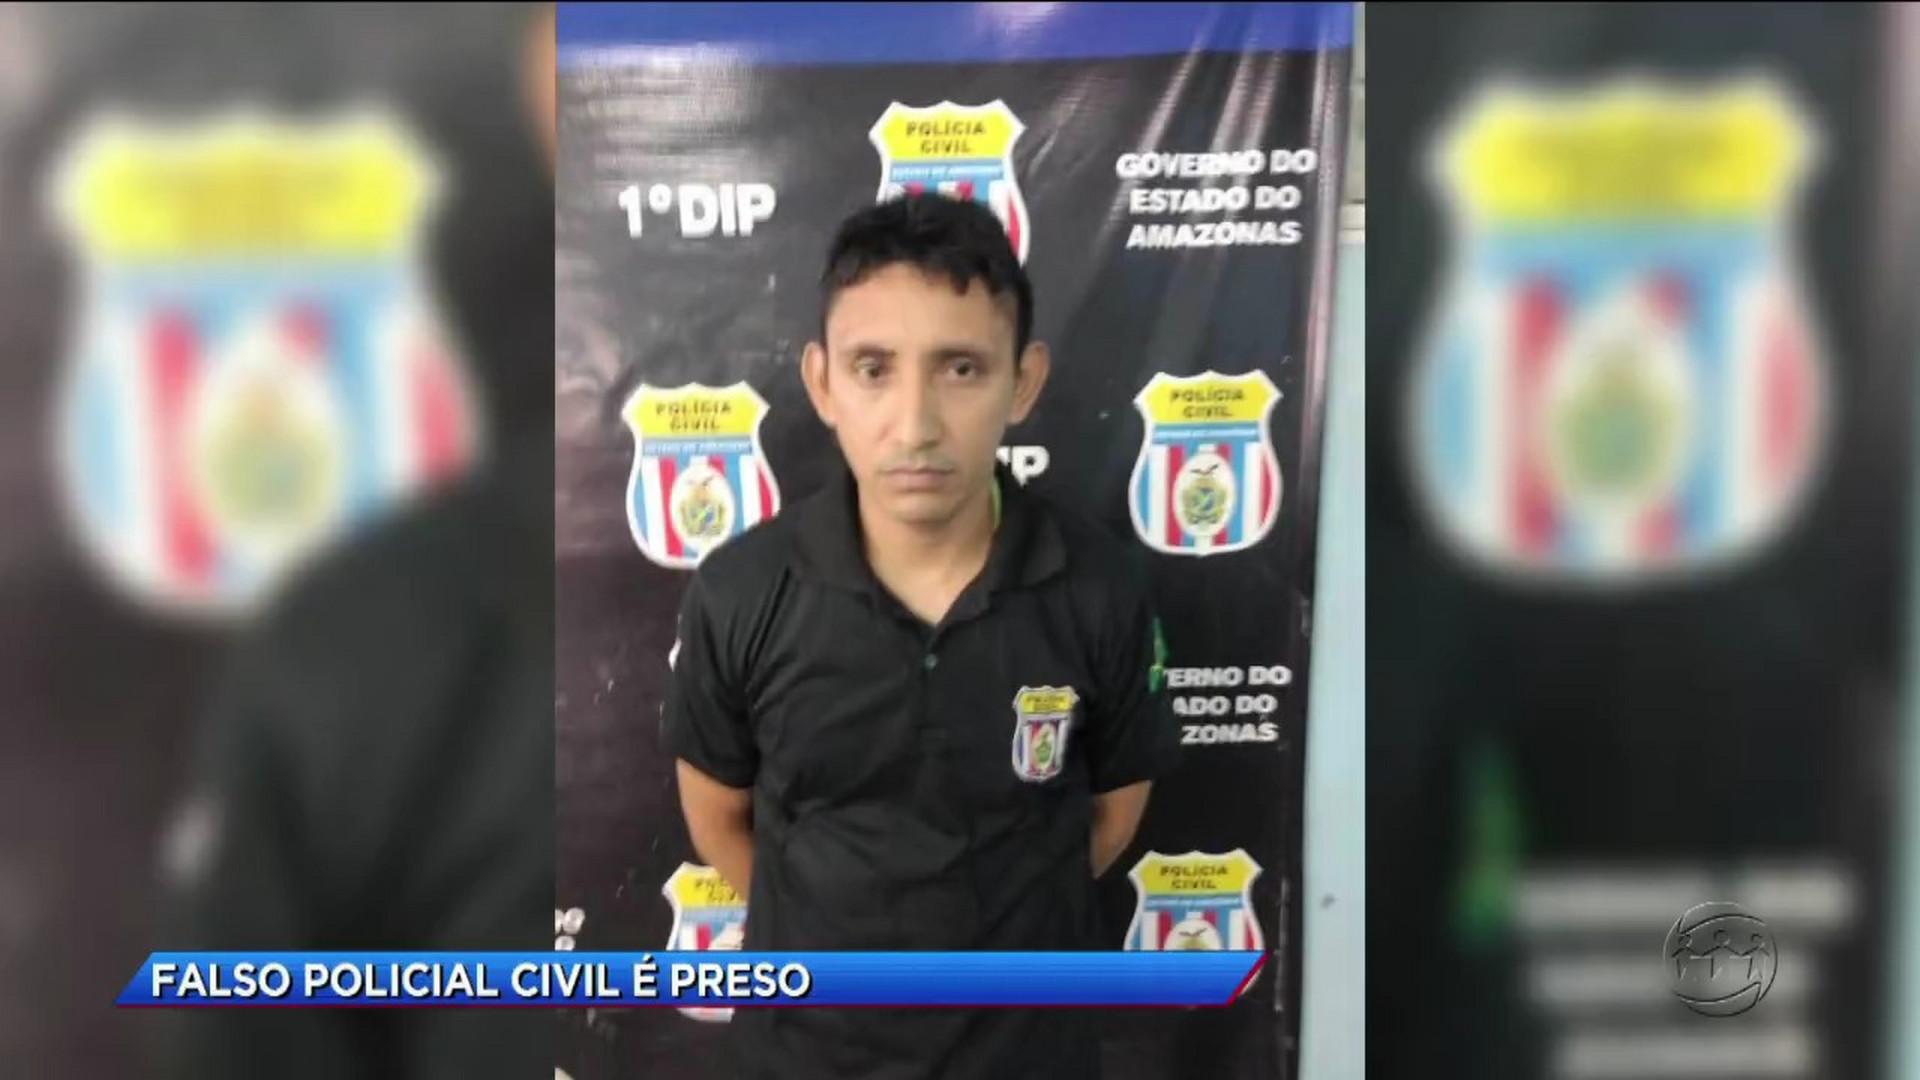 FALSO POLICIAL CIVIL É PRESO - Cidade Alerta Manaus - 13/12/17